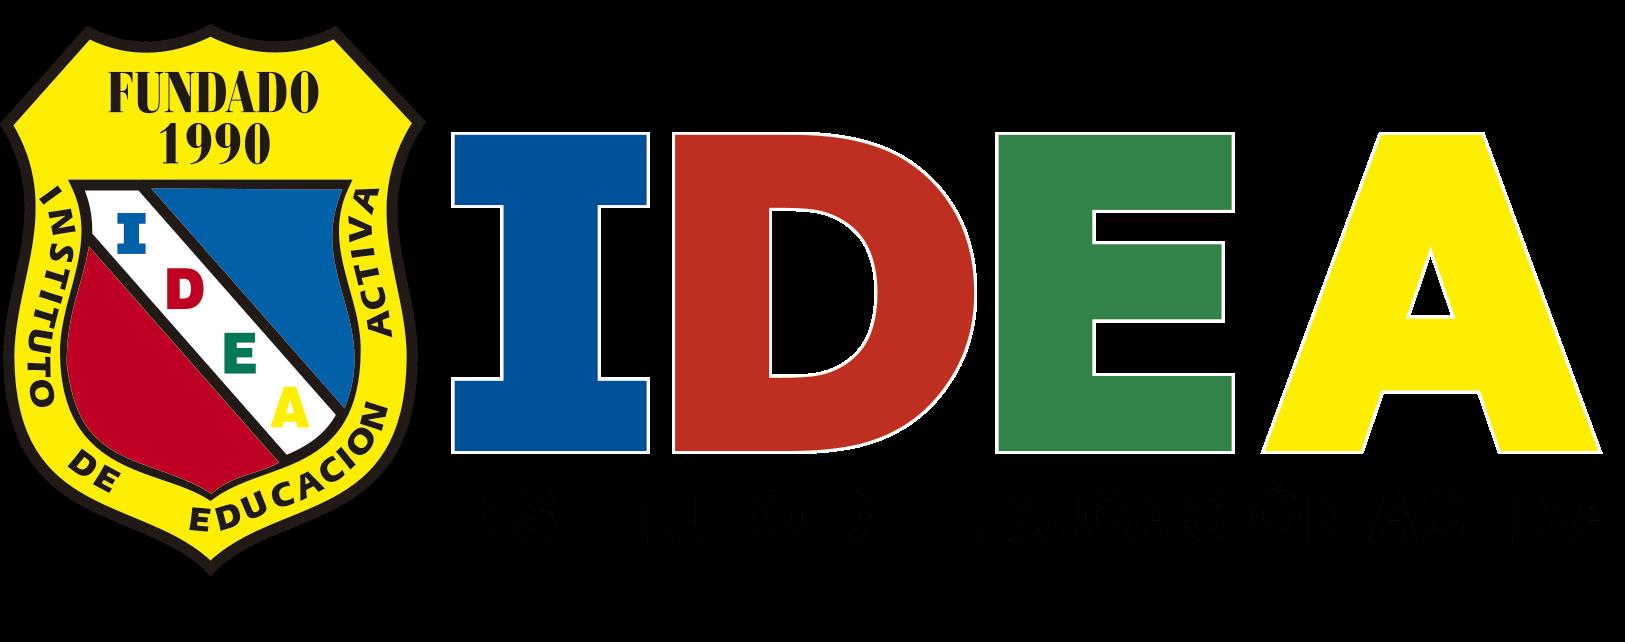 I.D.E.A. | Instituto de Educación Activa